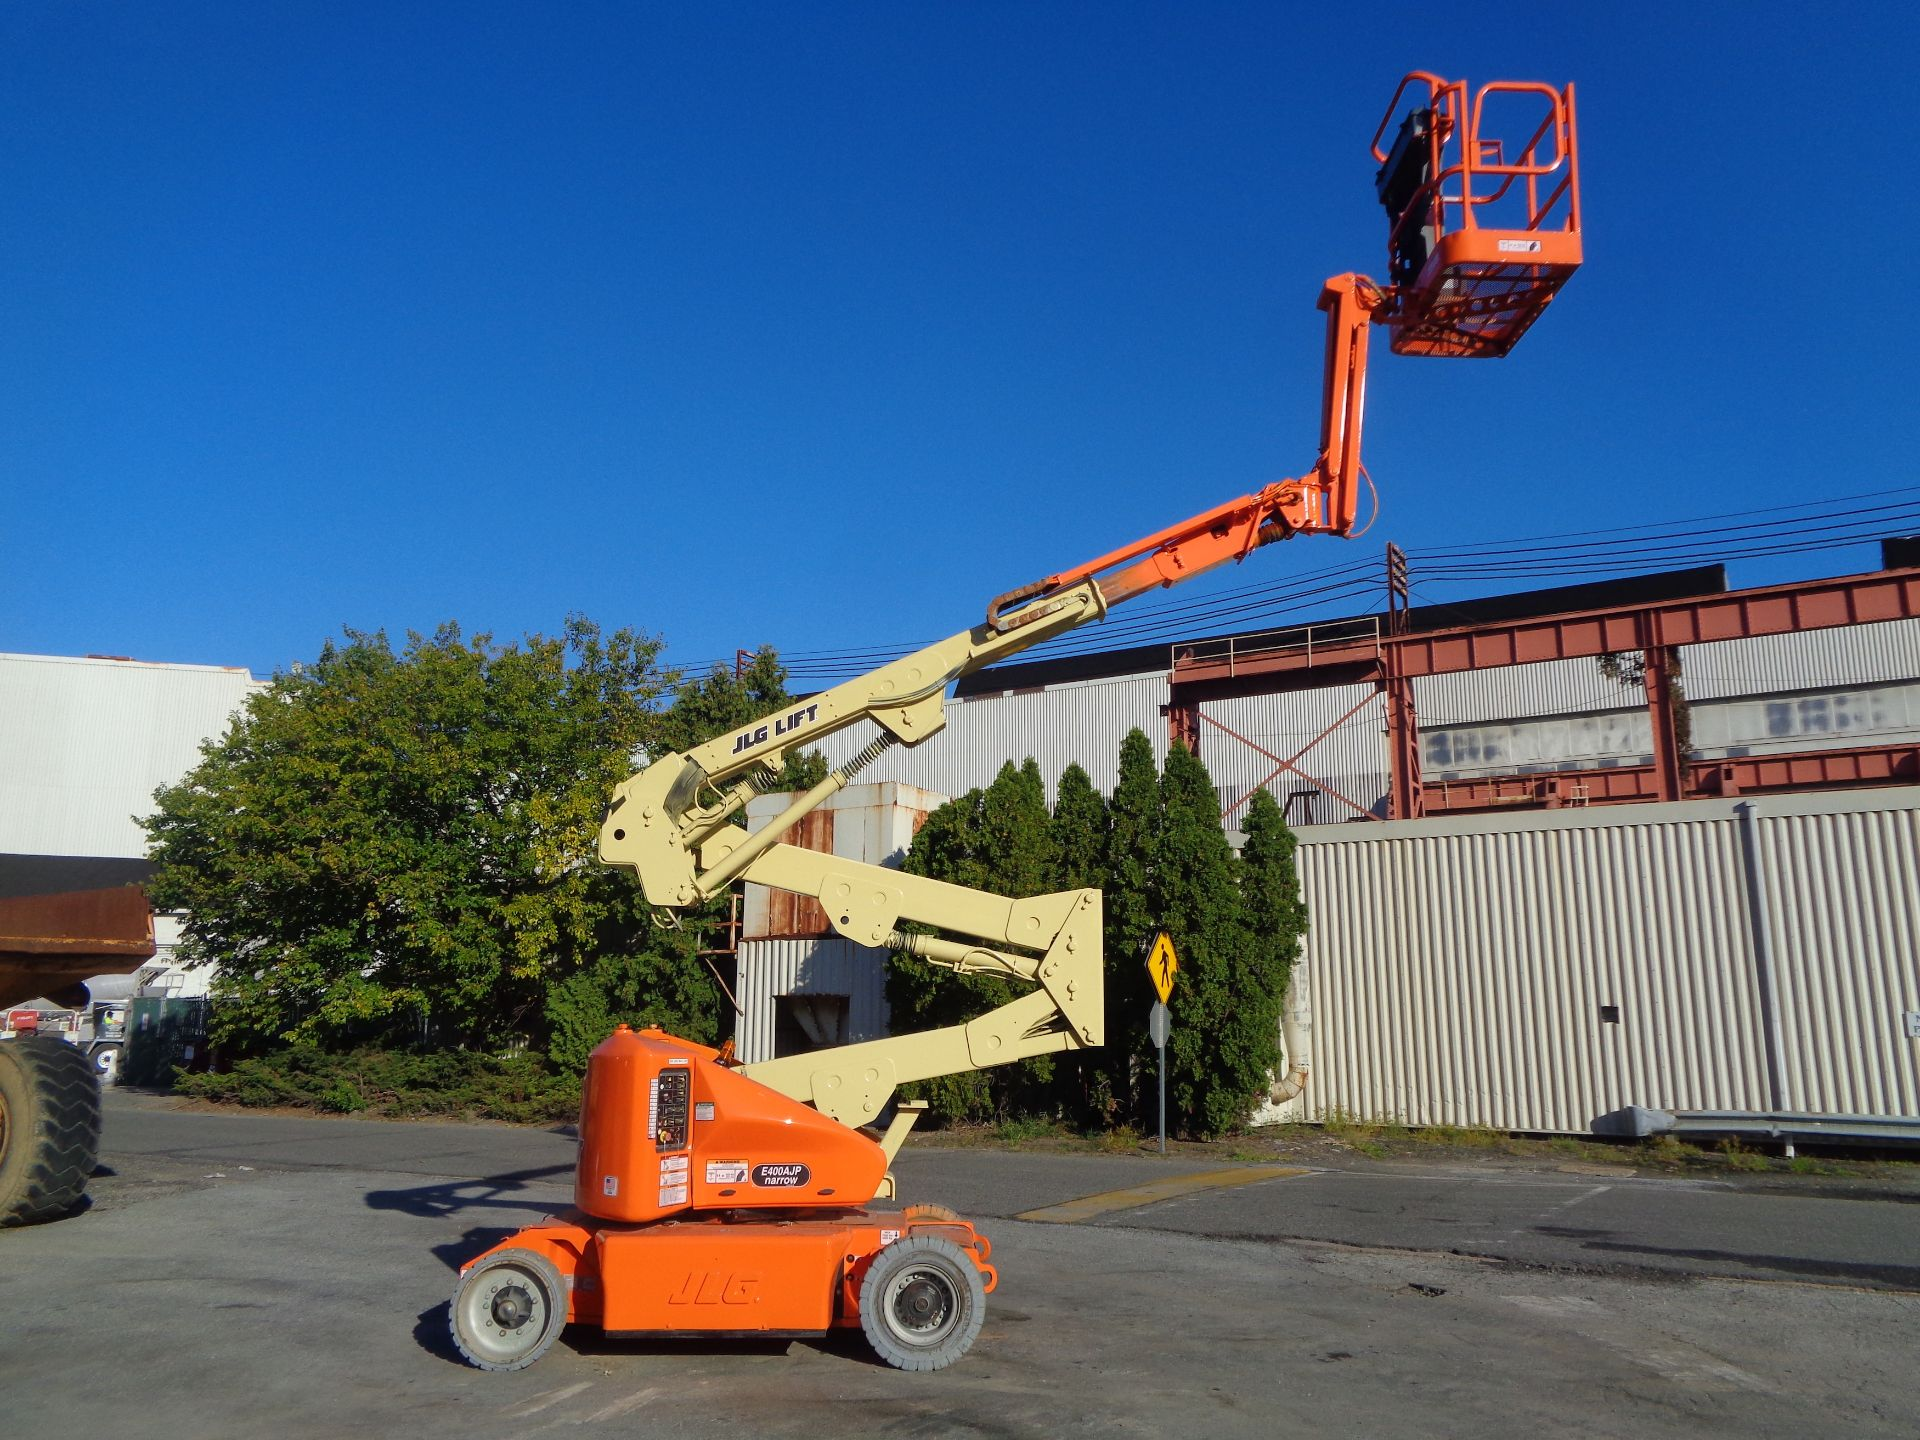 Lot 51 - 2011 JLG E400AJPN Electric Boom Lift 40FT